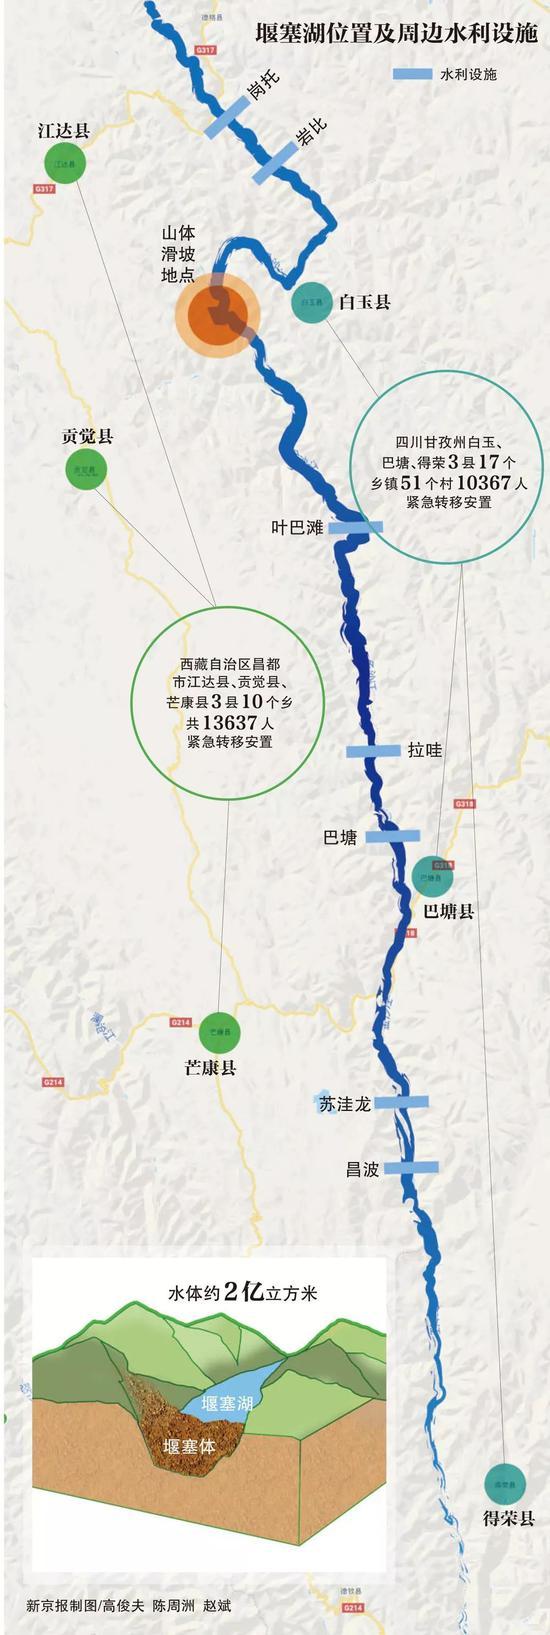 堰塞湖位置及周边水利设施。制图 高俊夫 陈周洲 赵斌